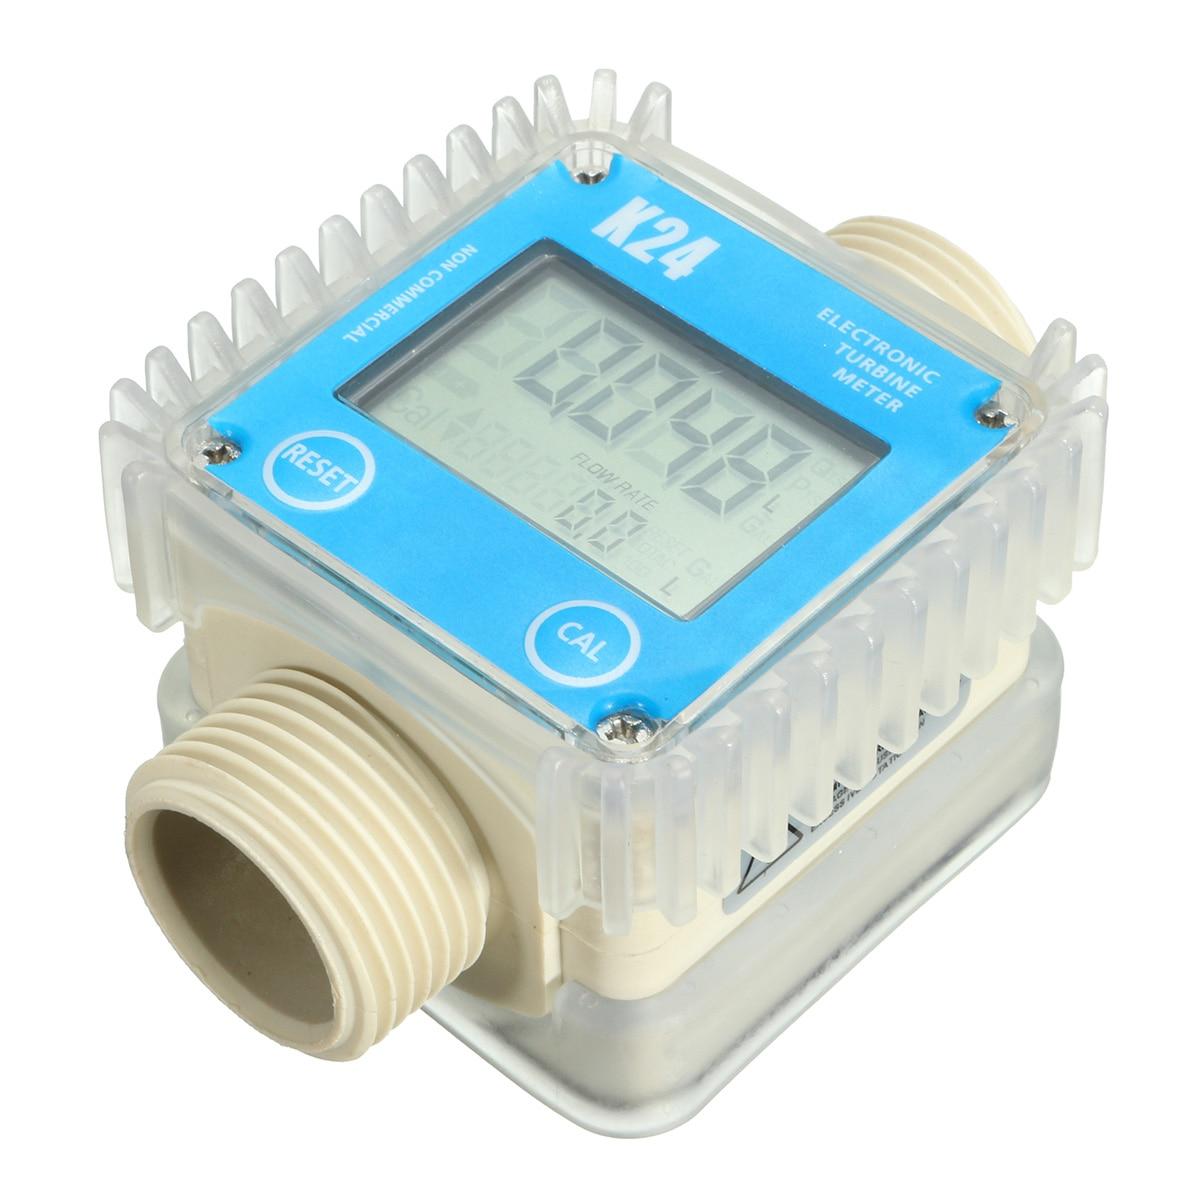 Misuratore di Flusso di carburante K24 1 -Turbina-Digital-Diesel-Calibro Contatore Per Le Sostanze Chimiche di Acqua 0.6MPa 10-120L /MinMisuratore di Flusso di carburante K24 1 -Turbina-Digital-Diesel-Calibro Contatore Per Le Sostanze Chimiche di Acqua 0.6MPa 10-120L /Min